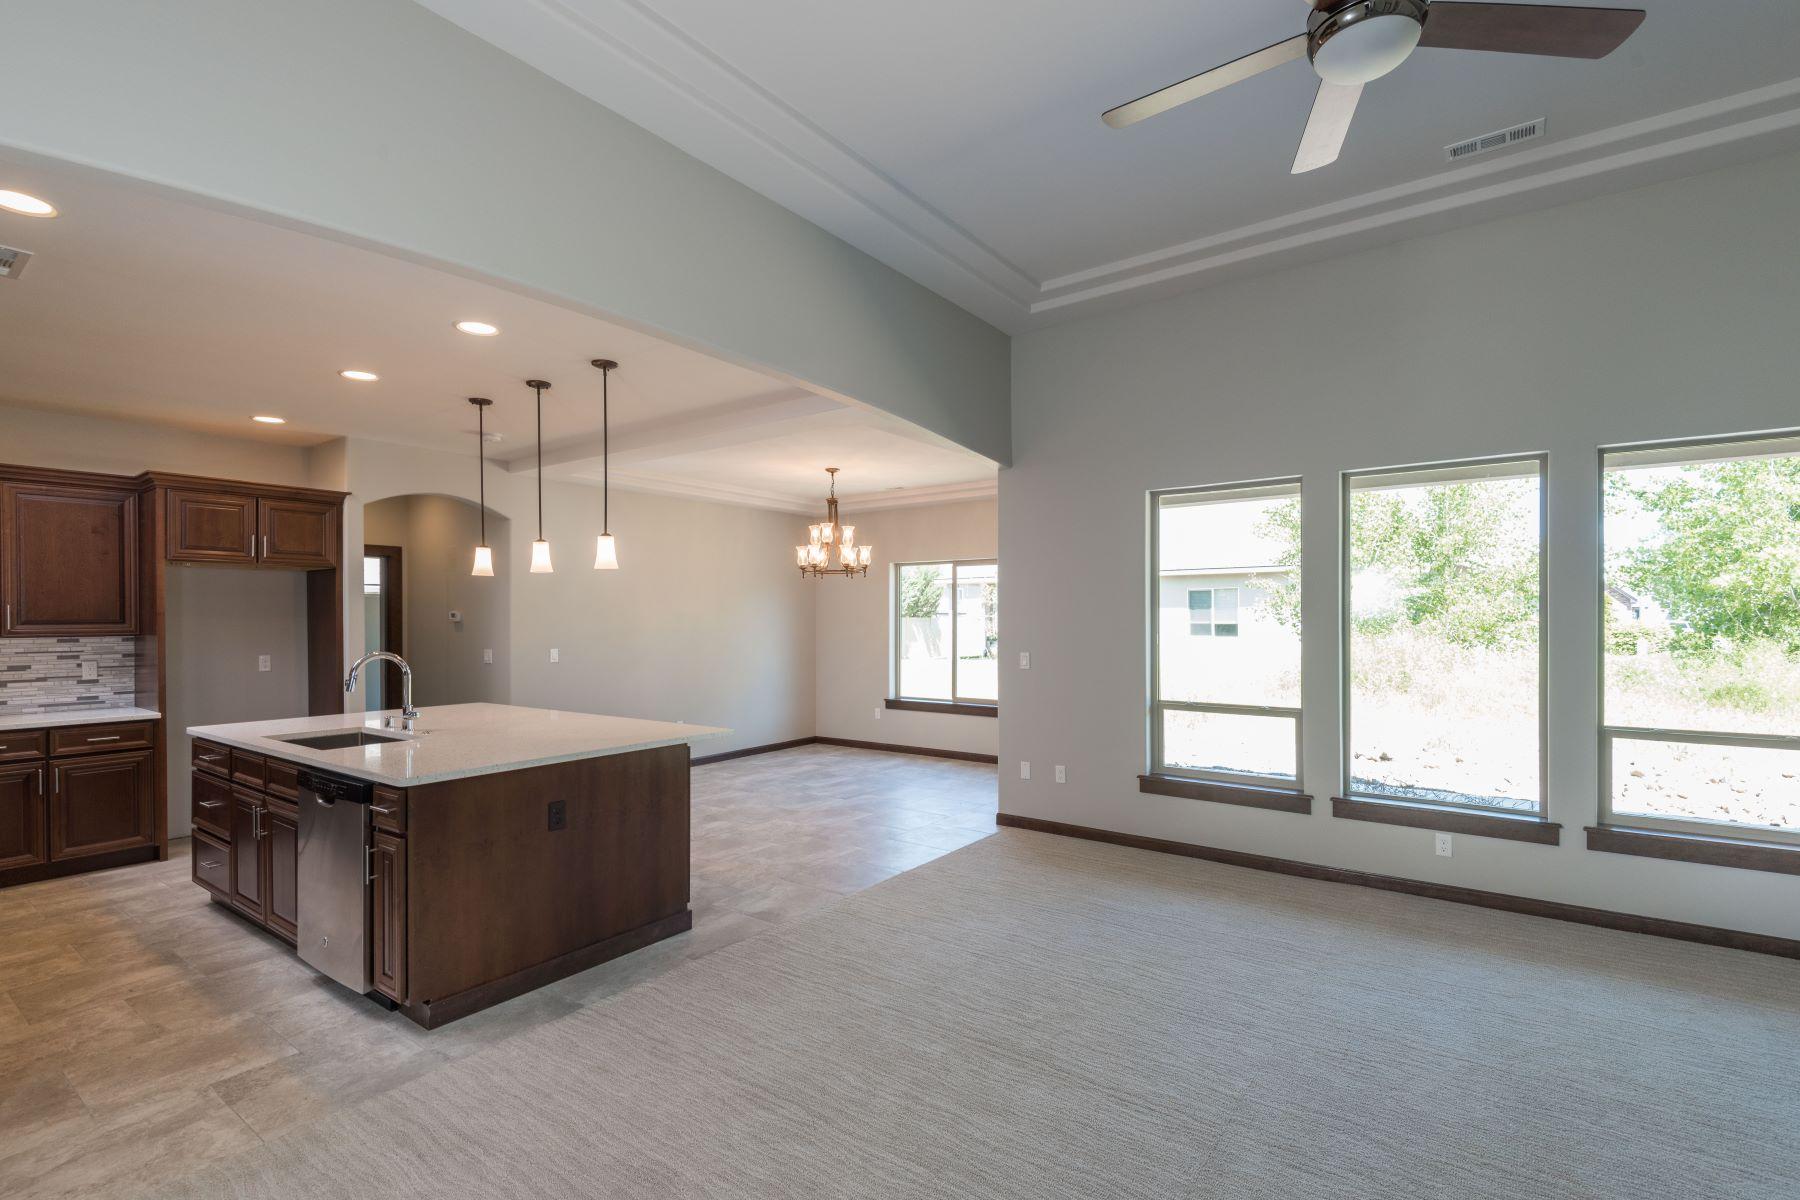 واحد منزل الأسرة للـ Sale في New 1 Story, 4 Bedroom, 2 Bath, Split Bedrooms, Stucco 3209 South Taft, Kennewick, Washington, 99338 United States